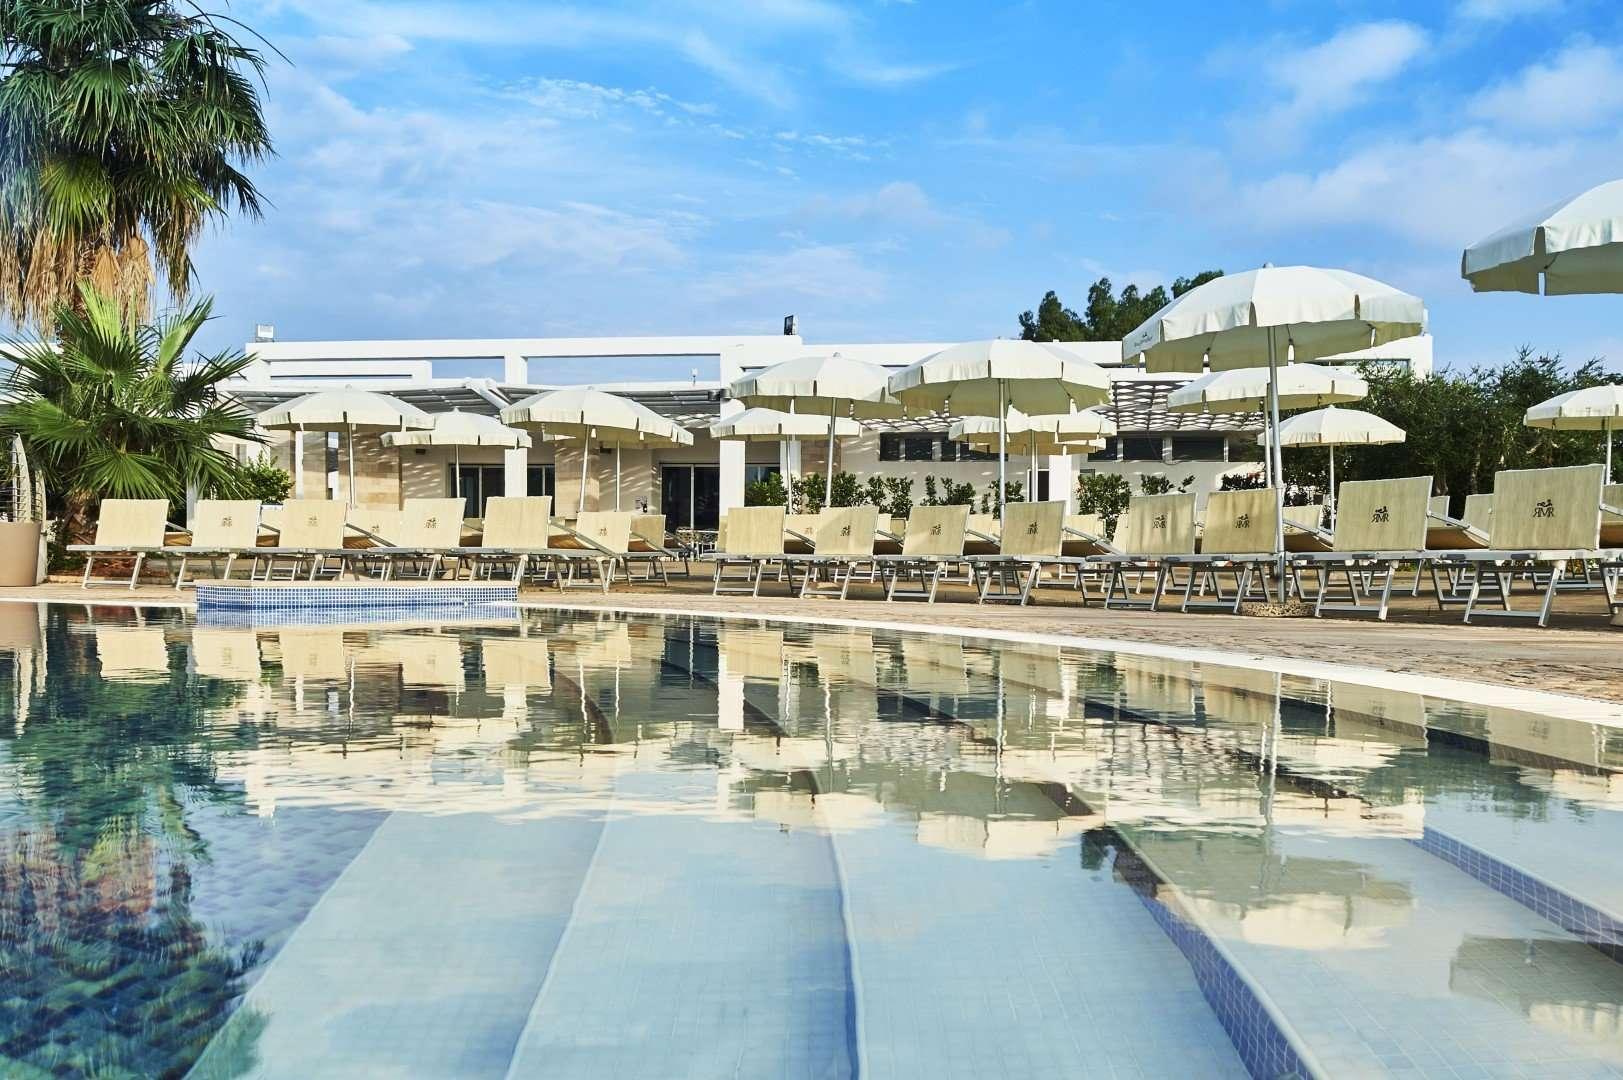 riva marina resort - puglia - italie -zwembad